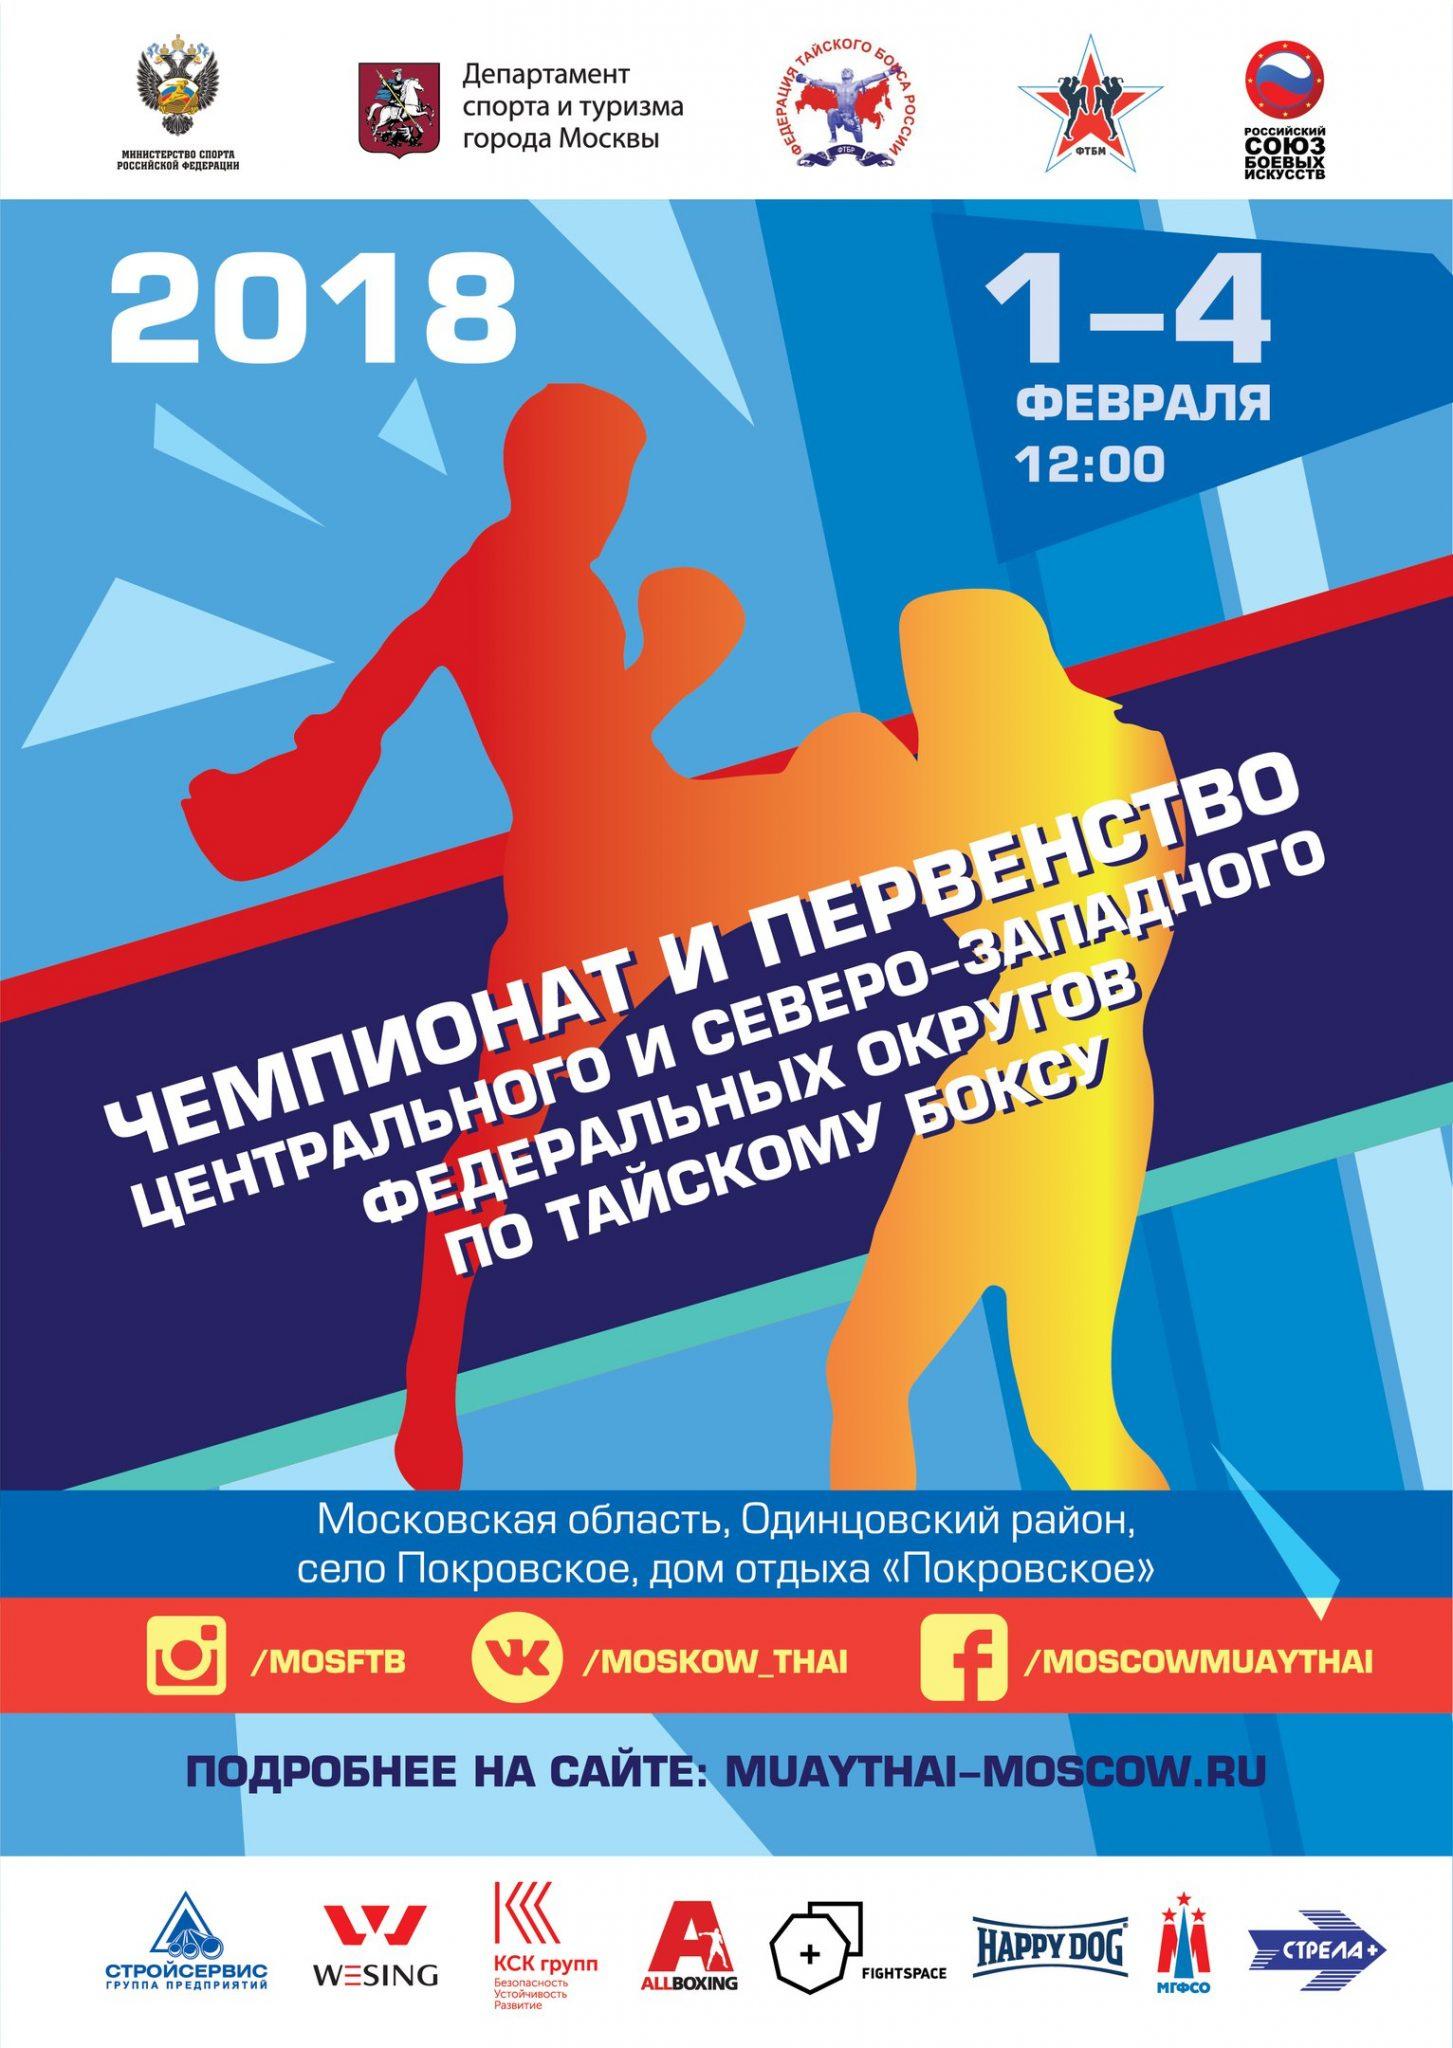 Чемпионат и Первенство ЦФО и СЗФО 2018